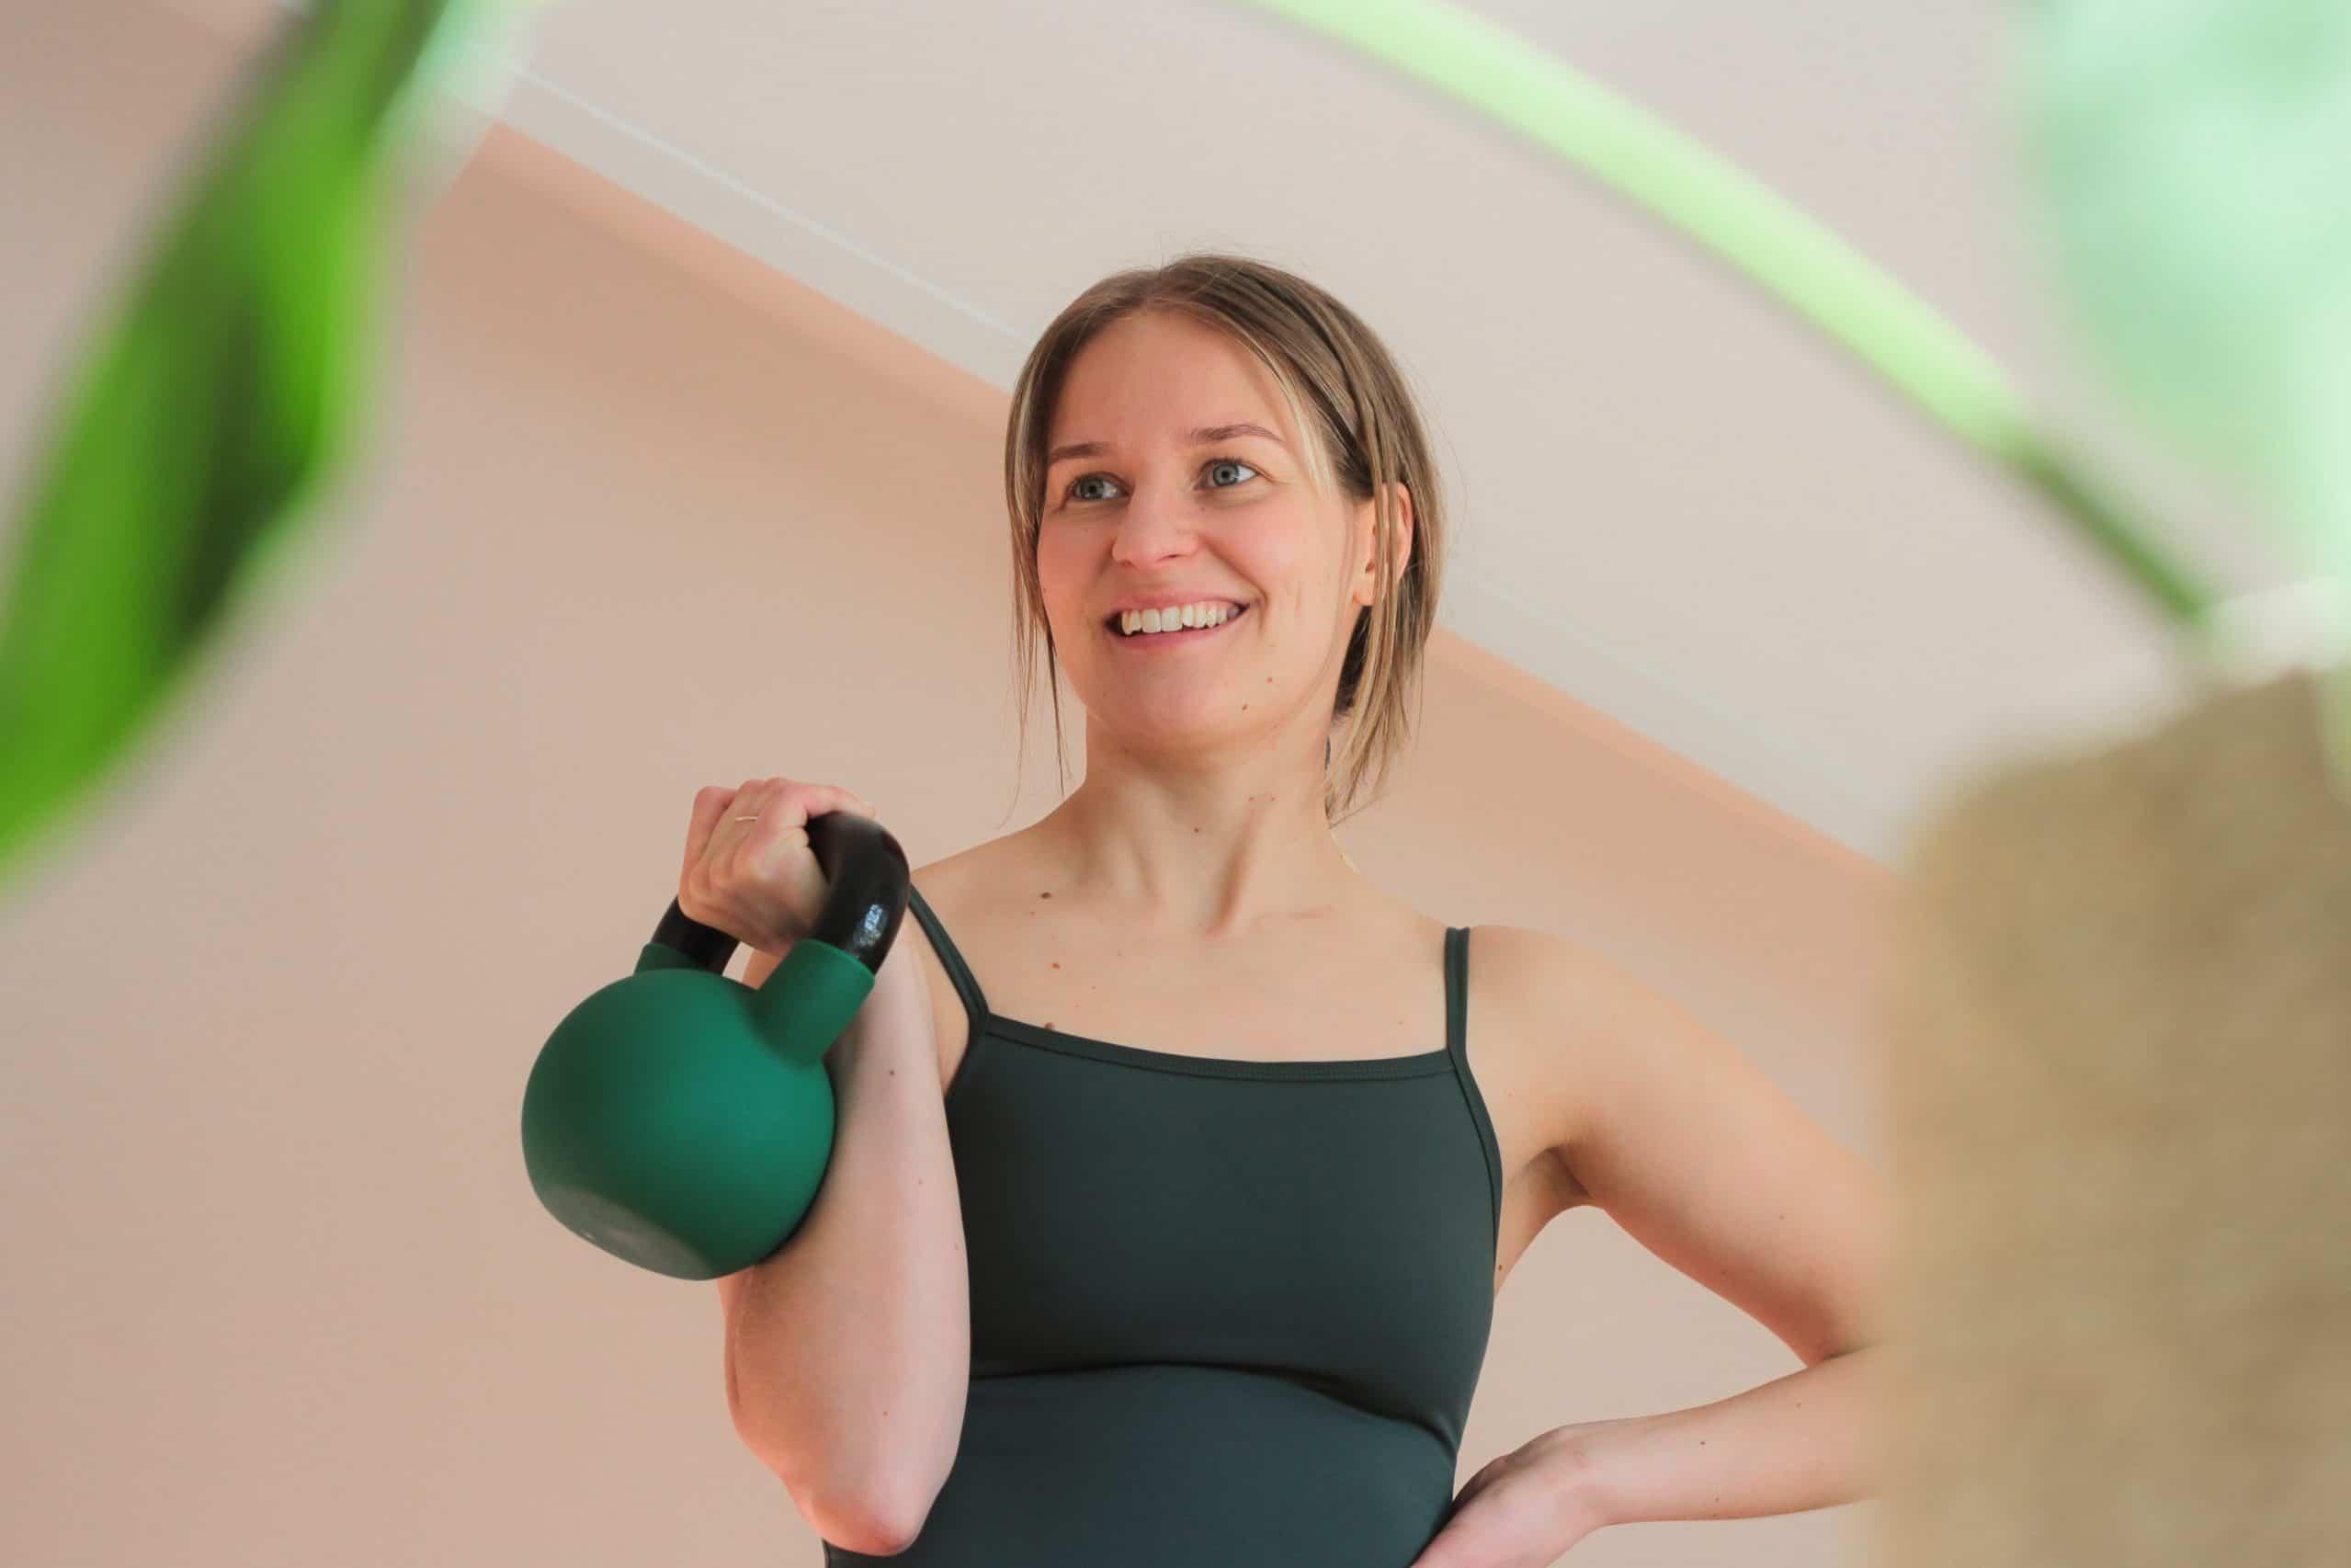 Liikunnan iloa äitiarkeen vinkeistämme ja Weekendbeen urheiluvaatteista.